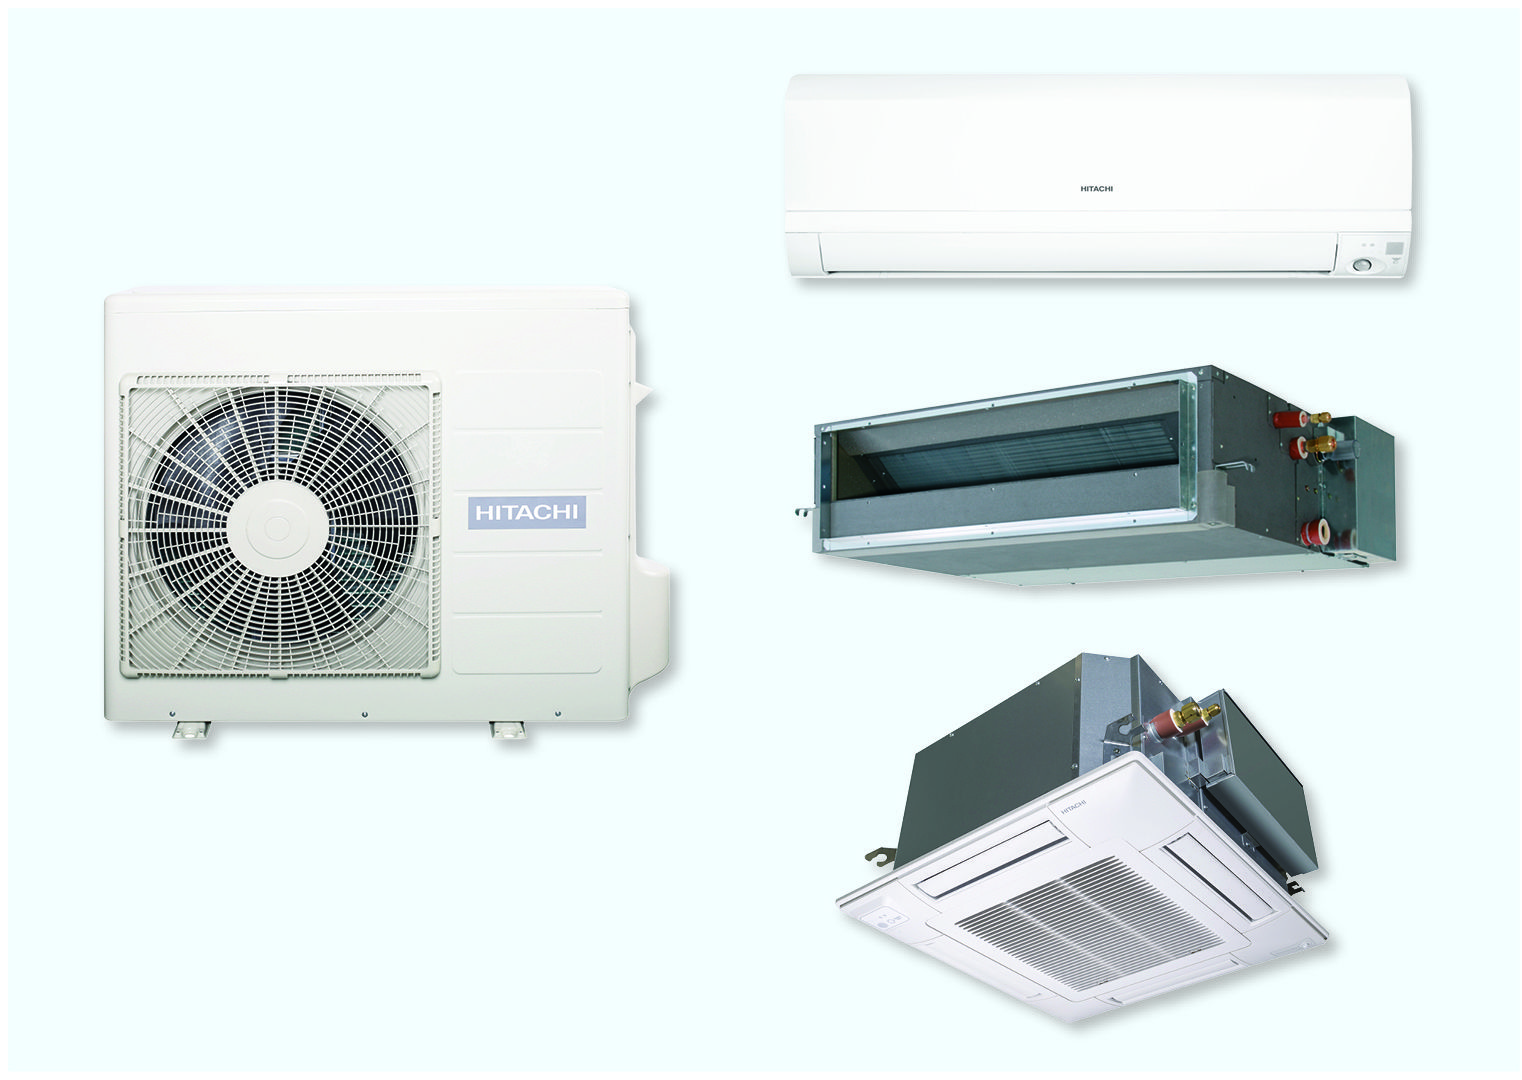 Hitachi R32 Monozone Klimaanlagen Fur Light Commercial Luftung Anlage Und Klimaanlage